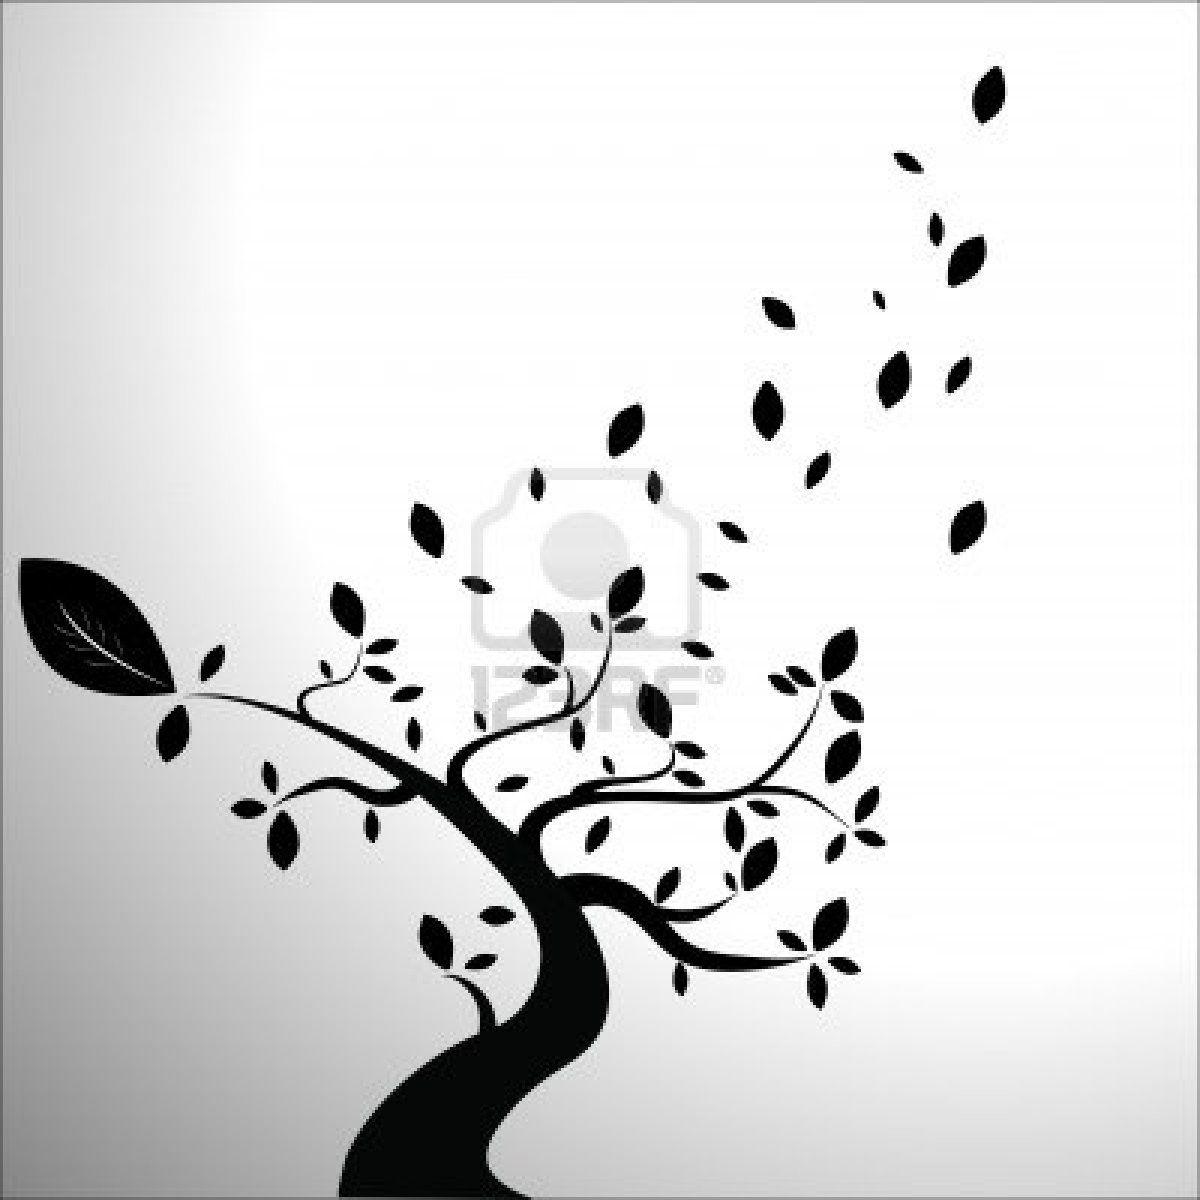 Es weht der Wind ein Blatt vom Baum von vielen Blättern ...